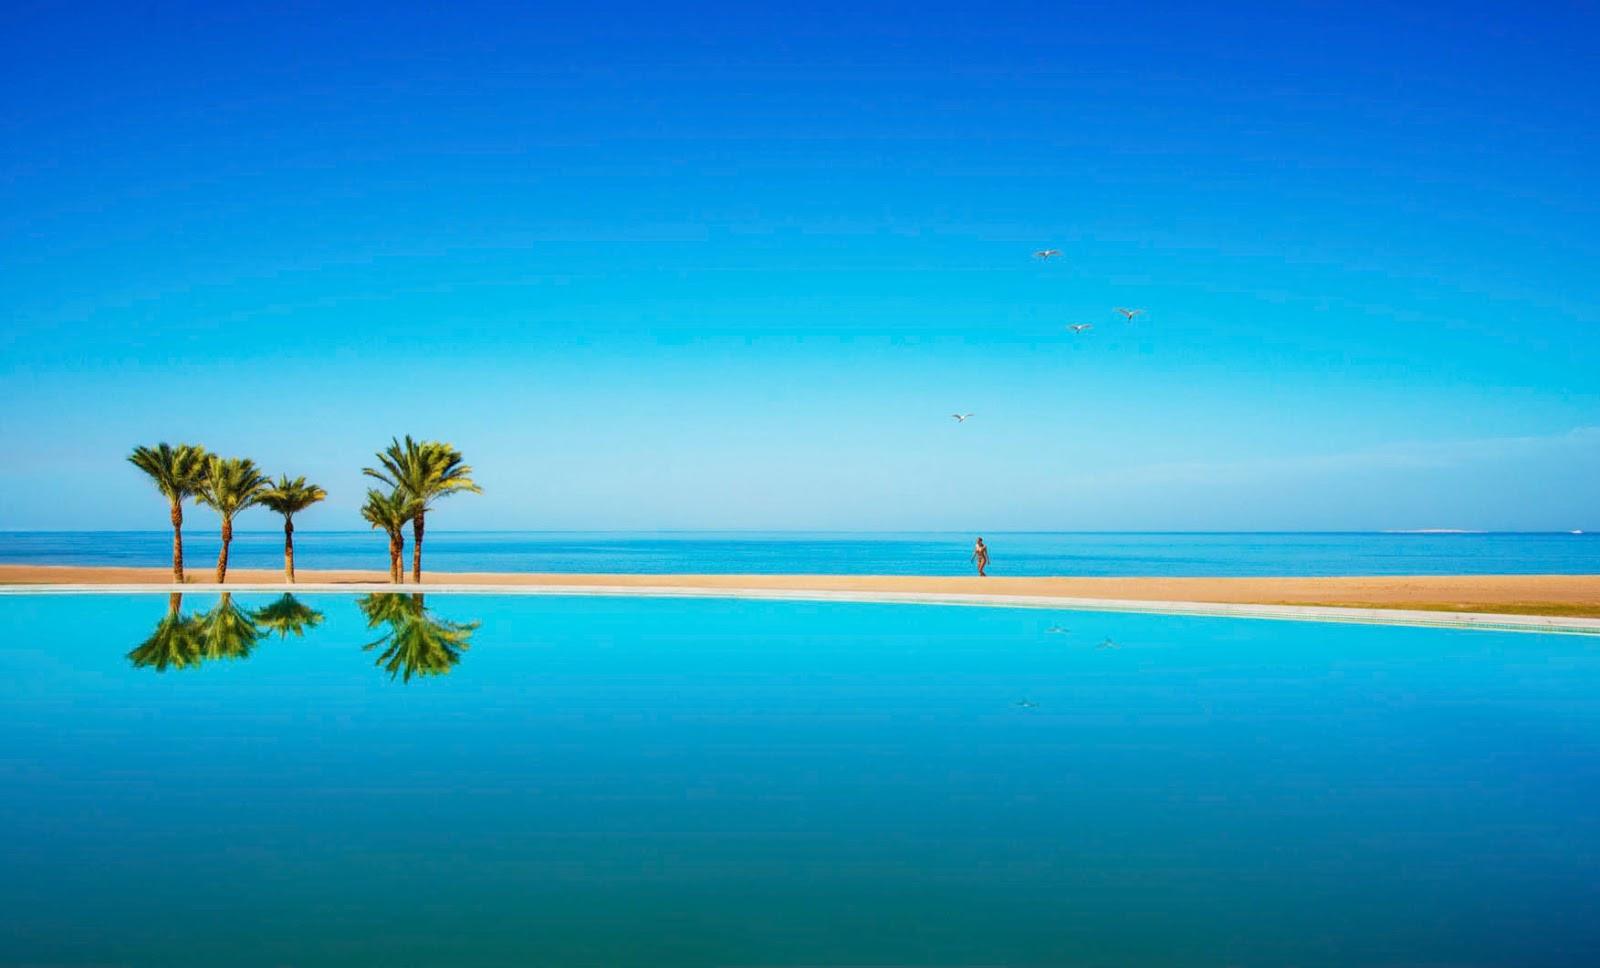 Ocean Beach Palace